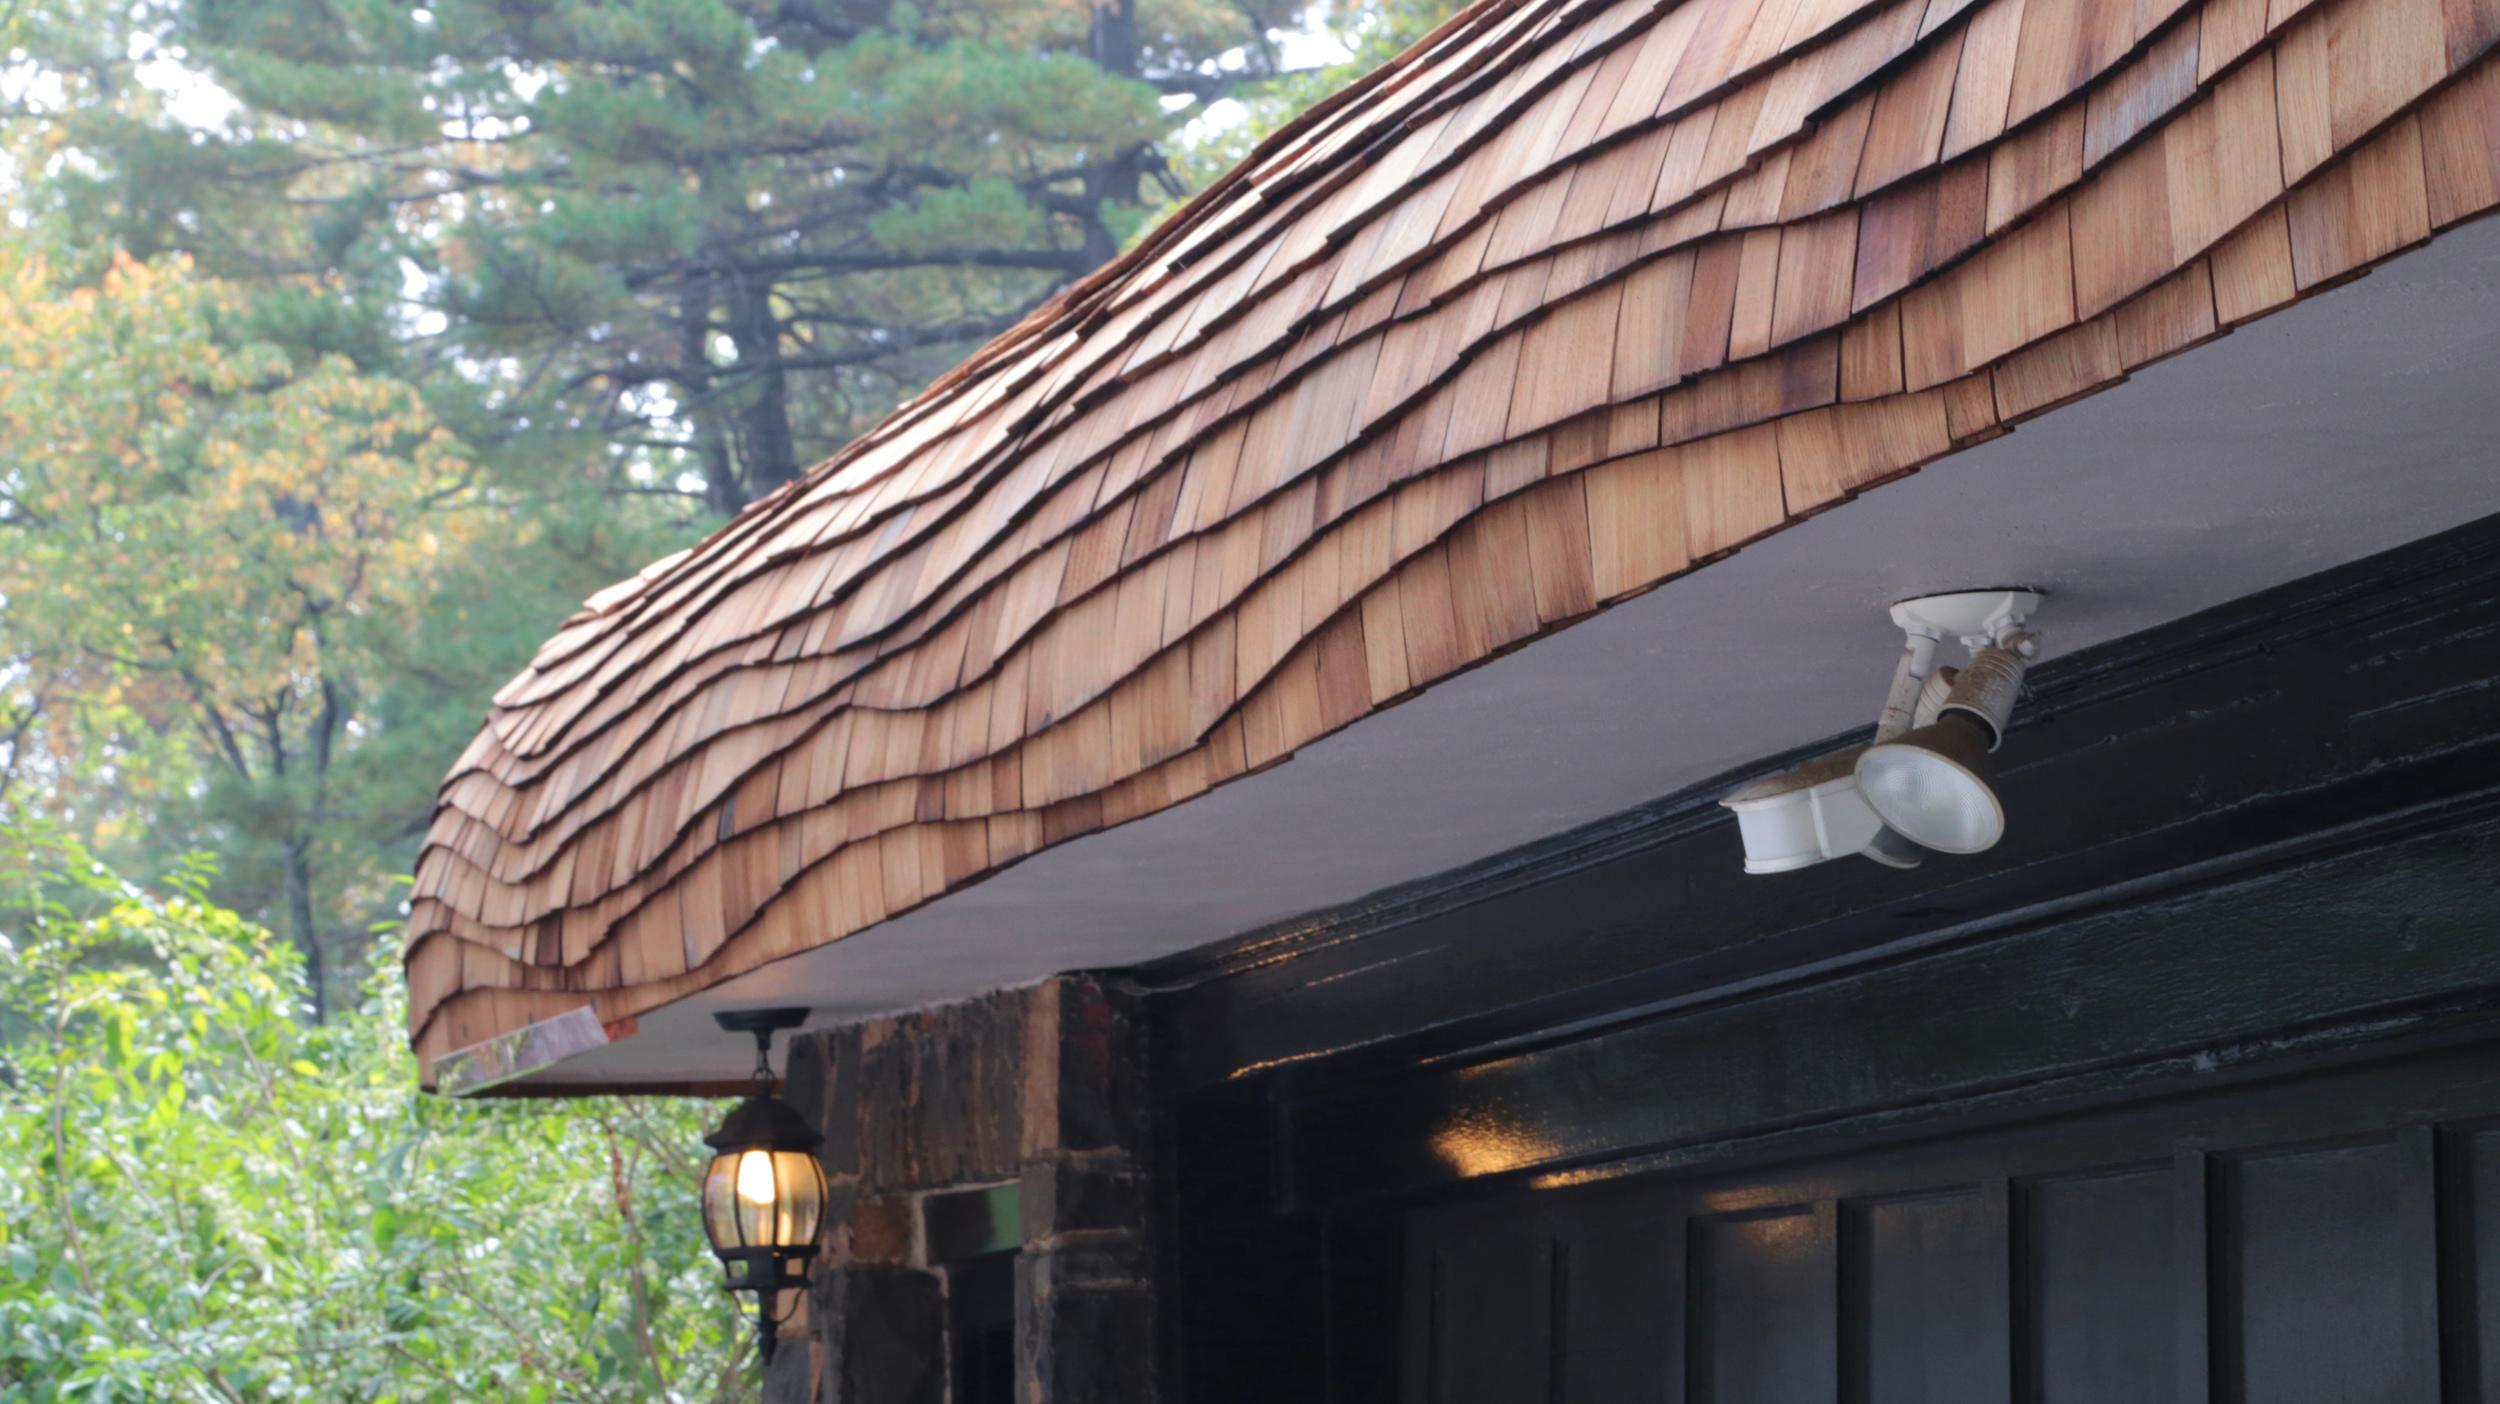 Undulating-shingle-roof-2B.jpg